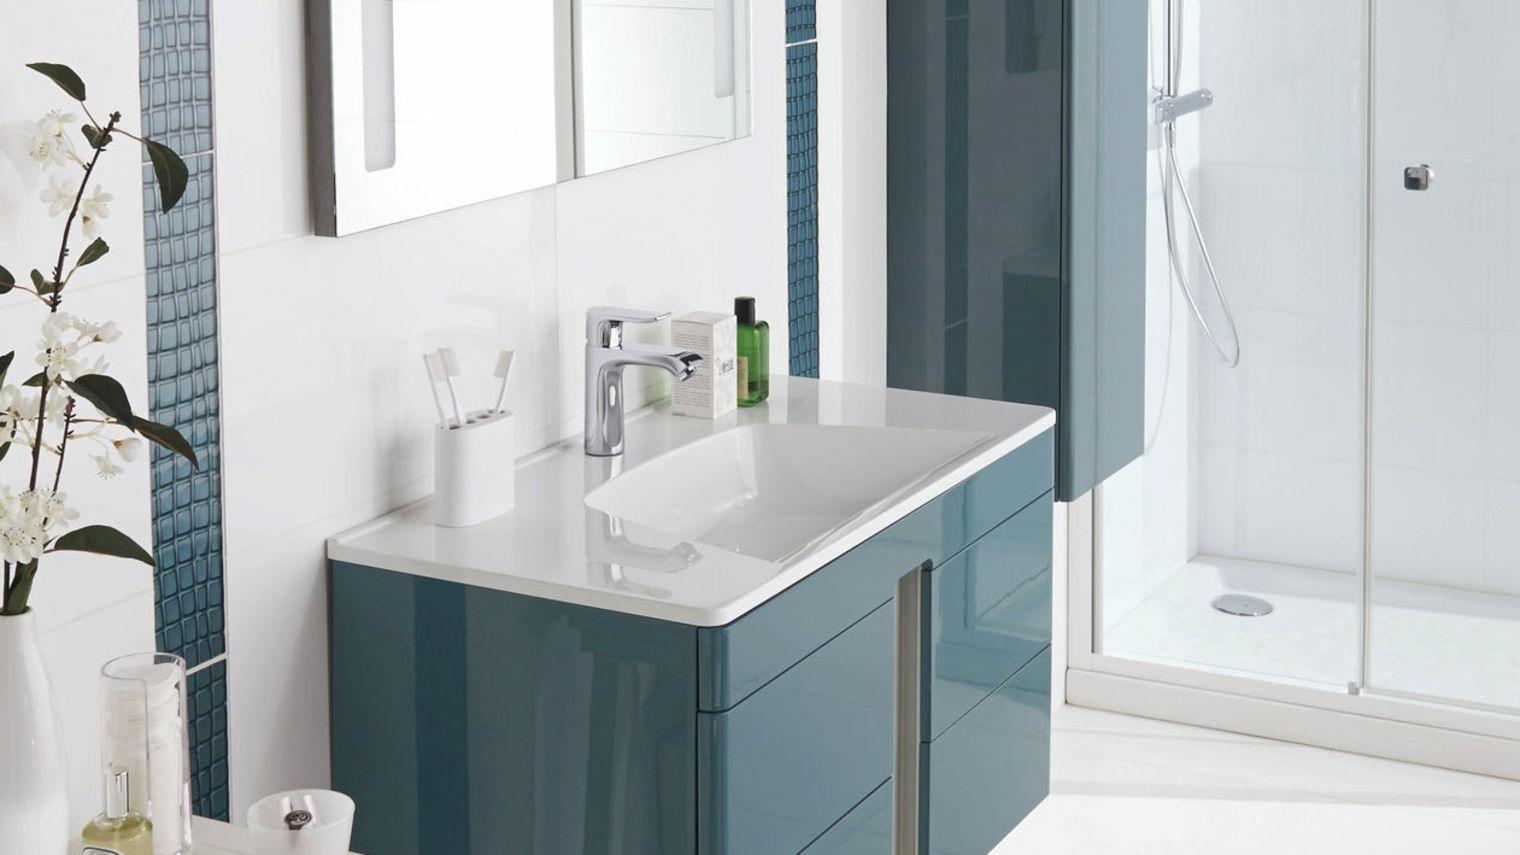 Meuble salle bain lapeyre for Lapeyre salle de bain meuble